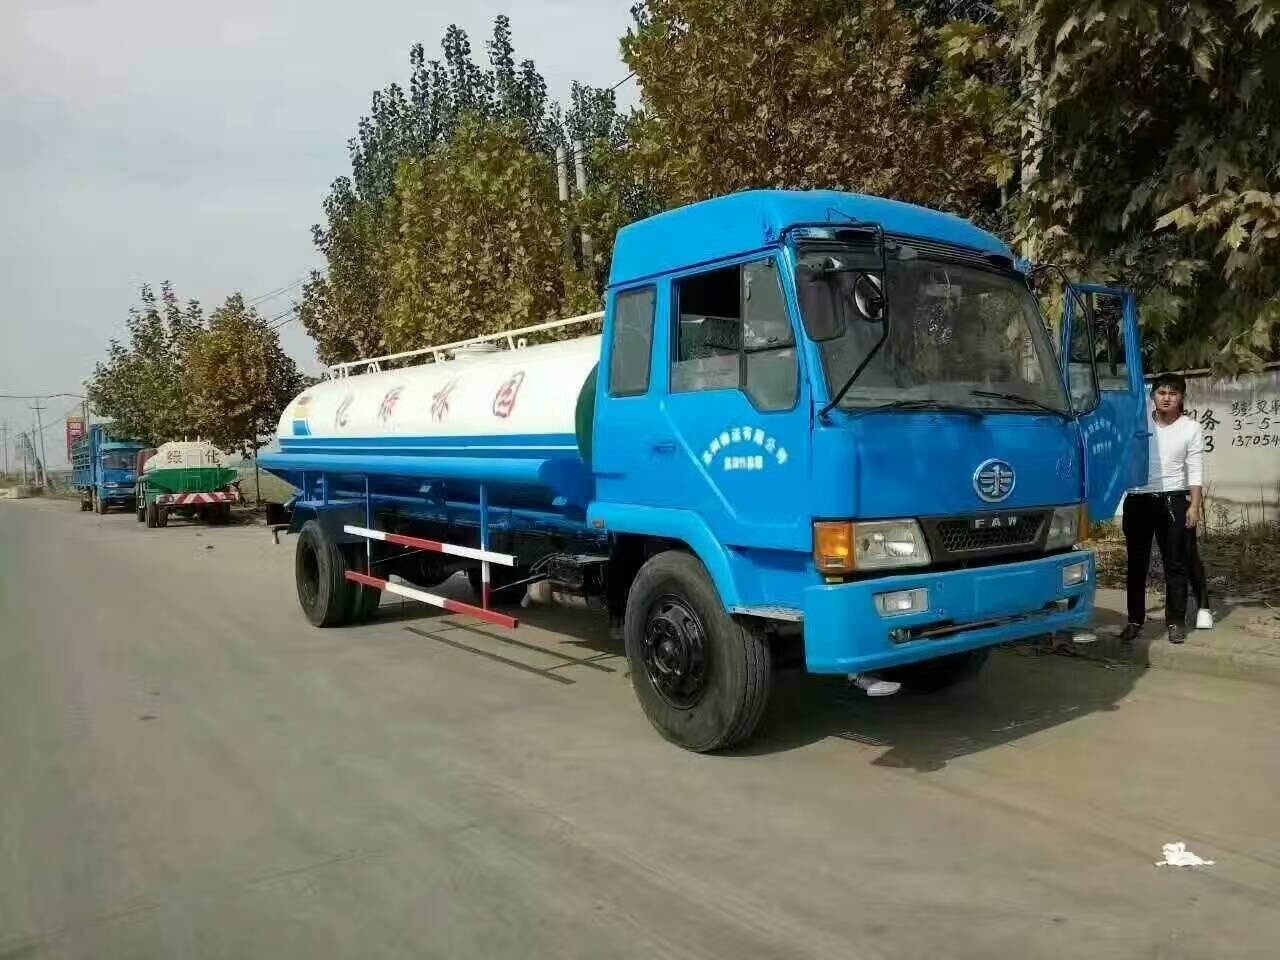 济宁环卫厂家:二手洒水、吸粪车,欢迎致电咨询、二手车